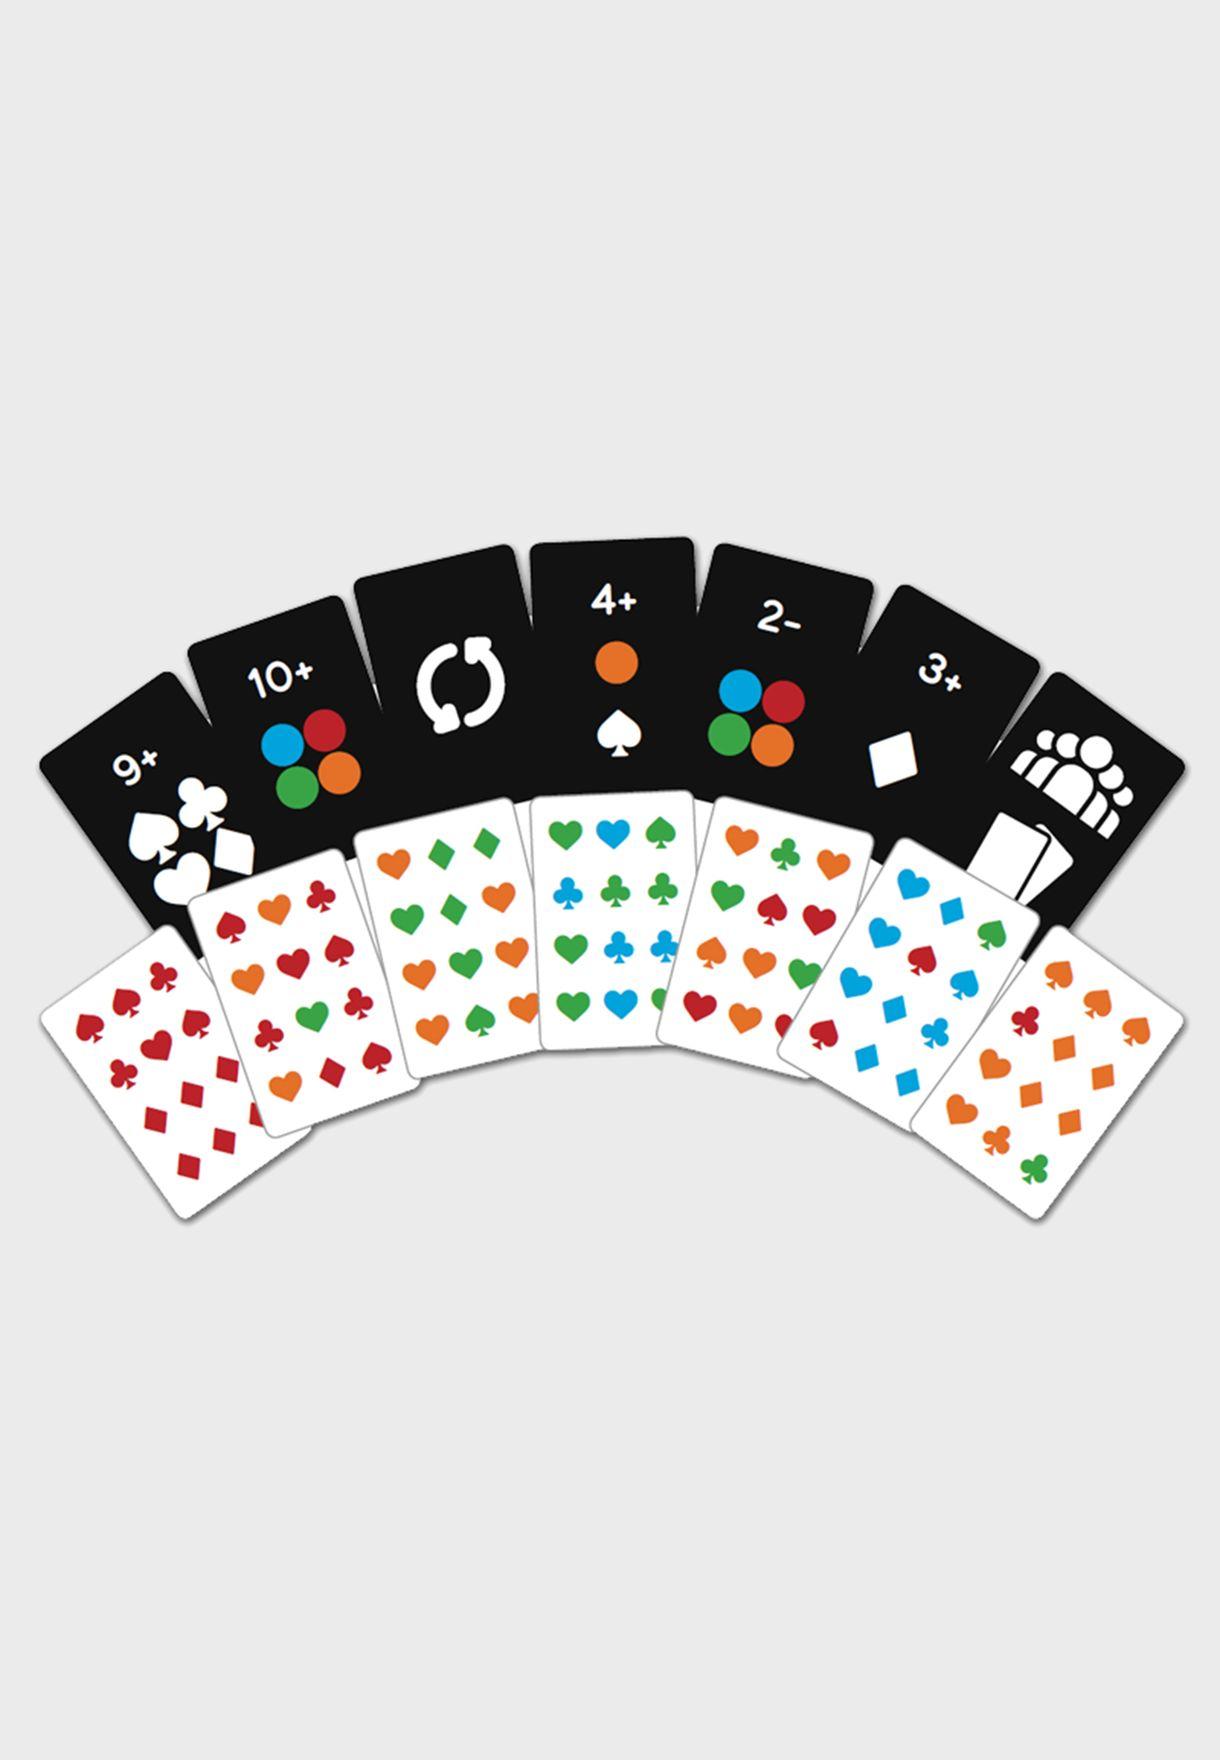 بطاقات اوراق اللعب